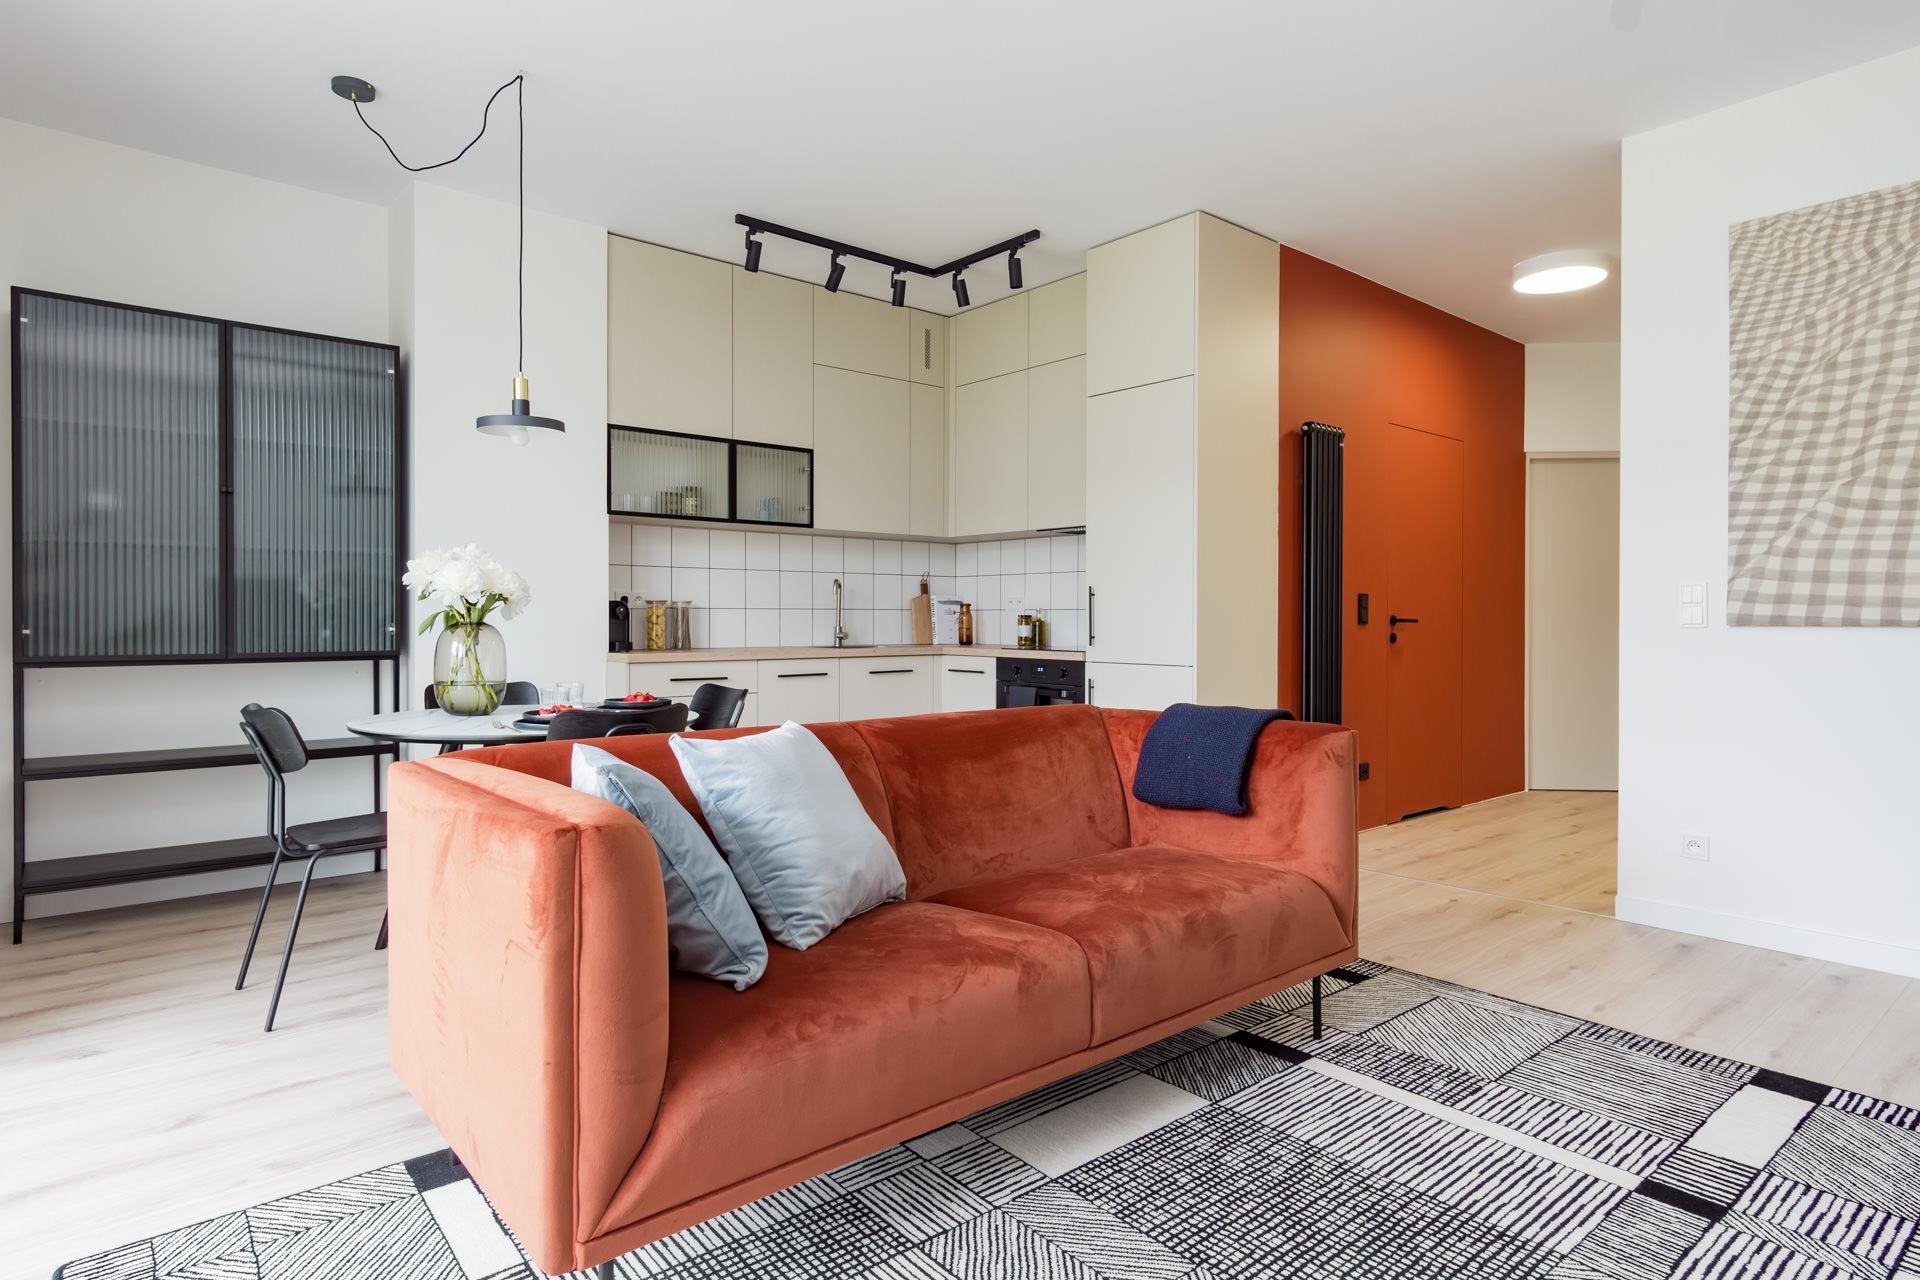 zdjecia-mieszkania-centrum (9)